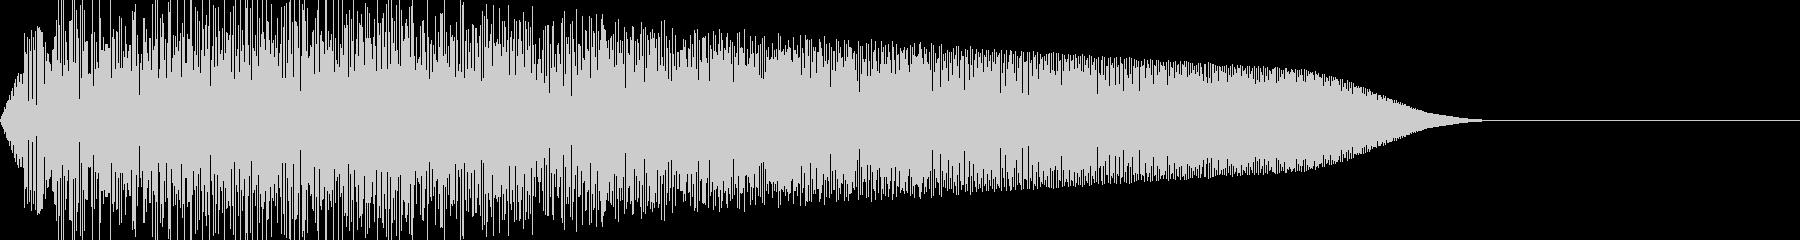 ビューン(移動ワープ/宇宙ファミコンSFの未再生の波形